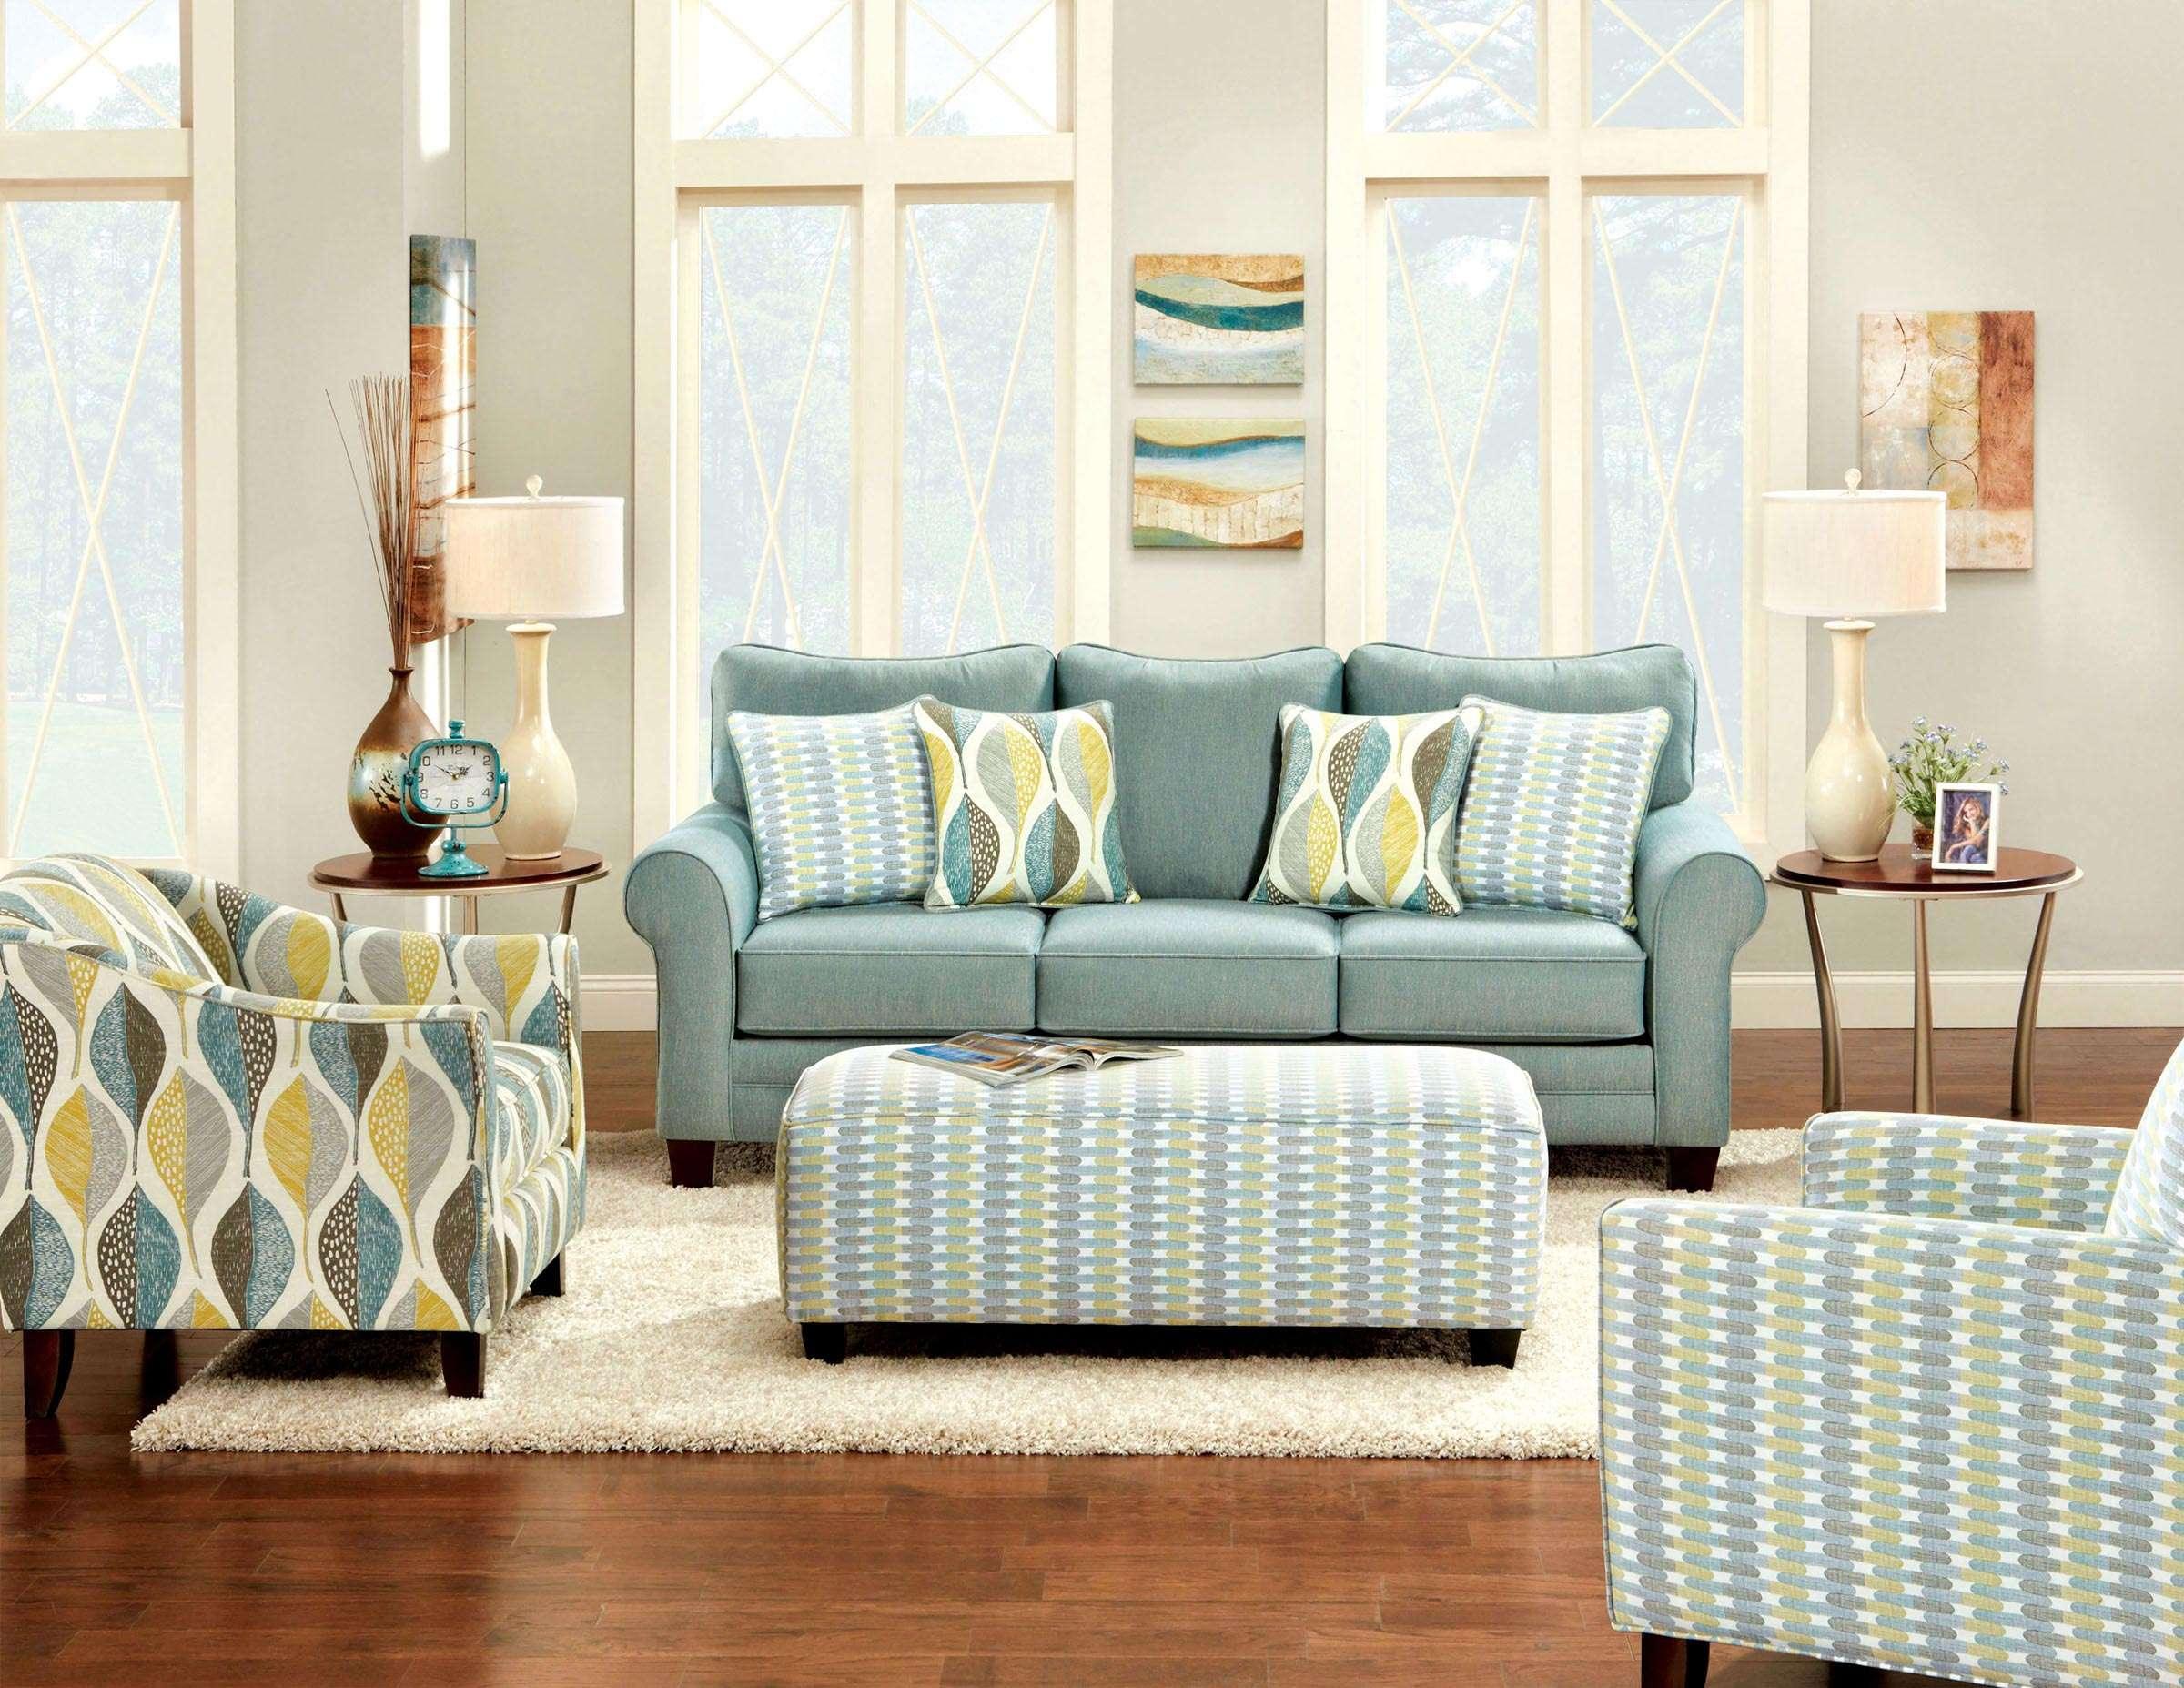 divano con 2 relax elettrici - Divani Arredo Nicoletti Home